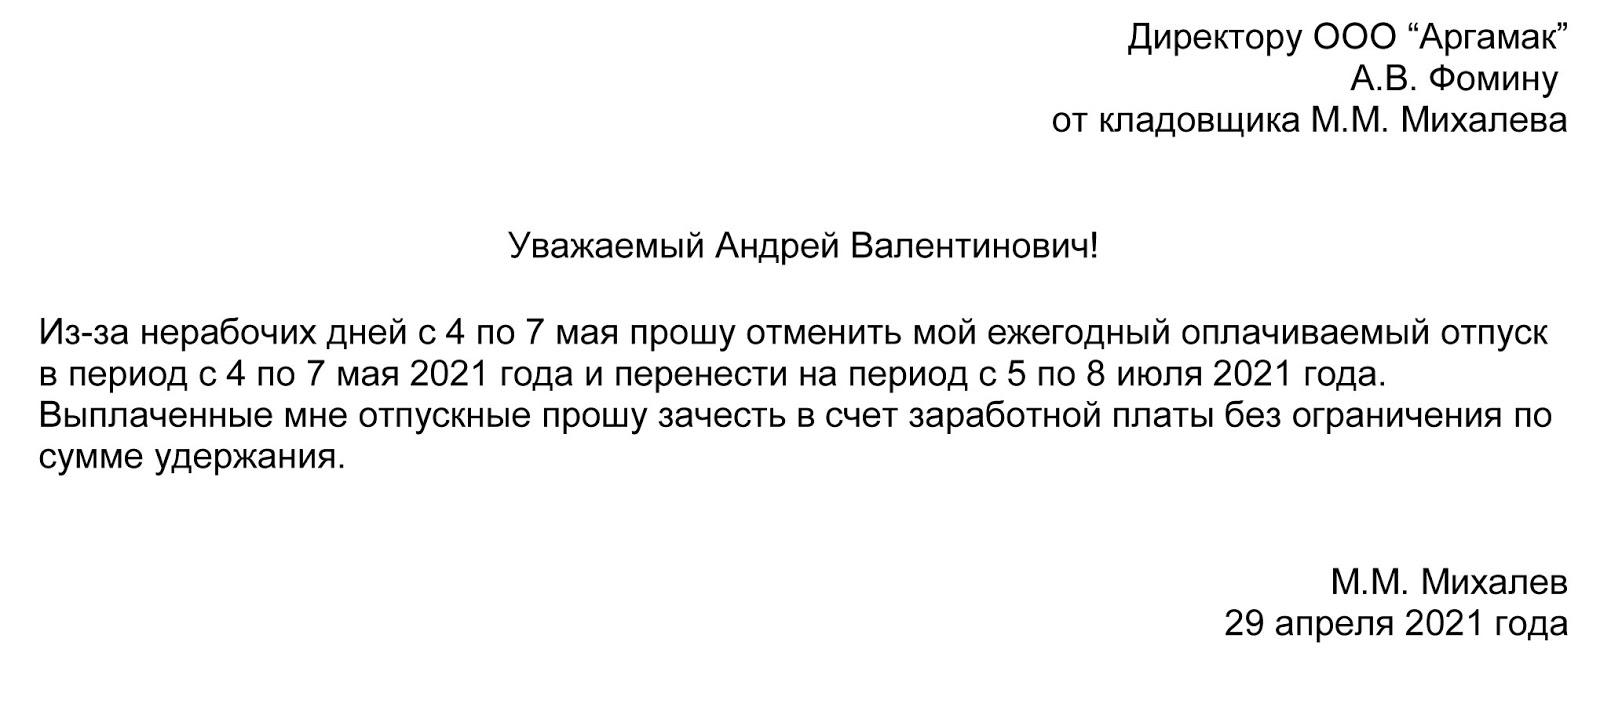 Пример заявление об отмене отпуска